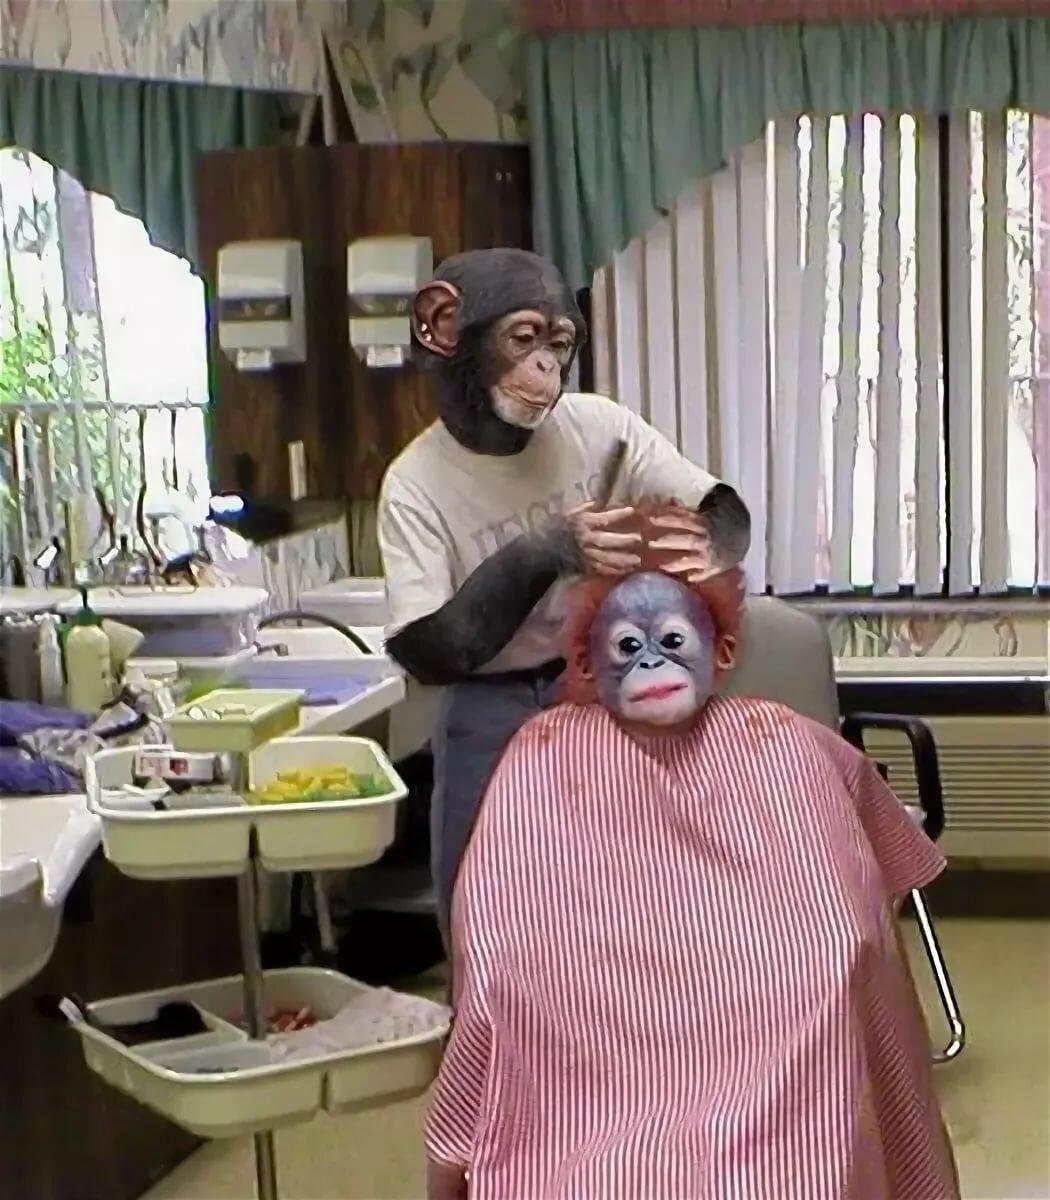 Смешные картинки парикмахера, открытки днем